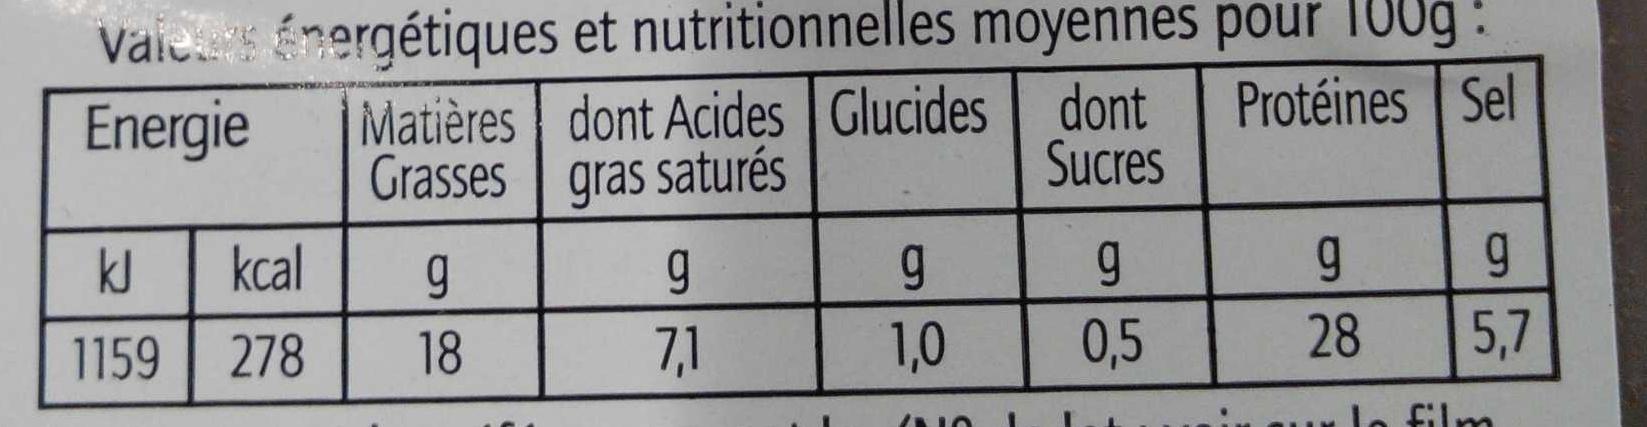 Allumettes de jambon cru - Informations nutritionnelles - fr